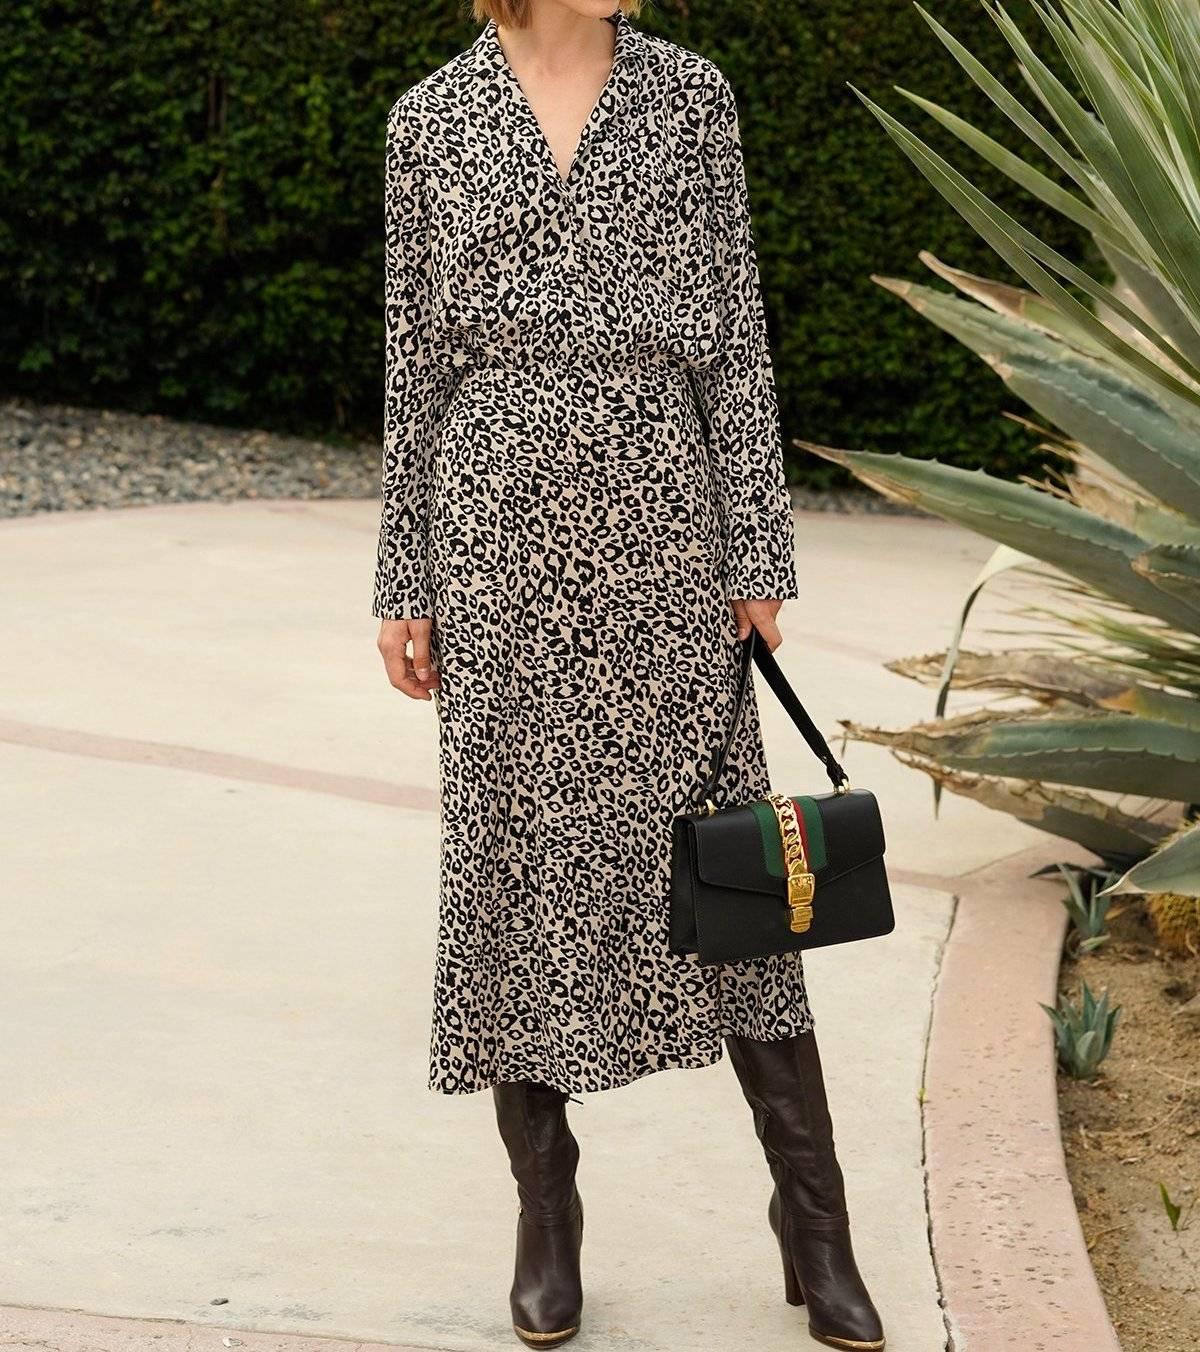 leopard print dress trend 2018